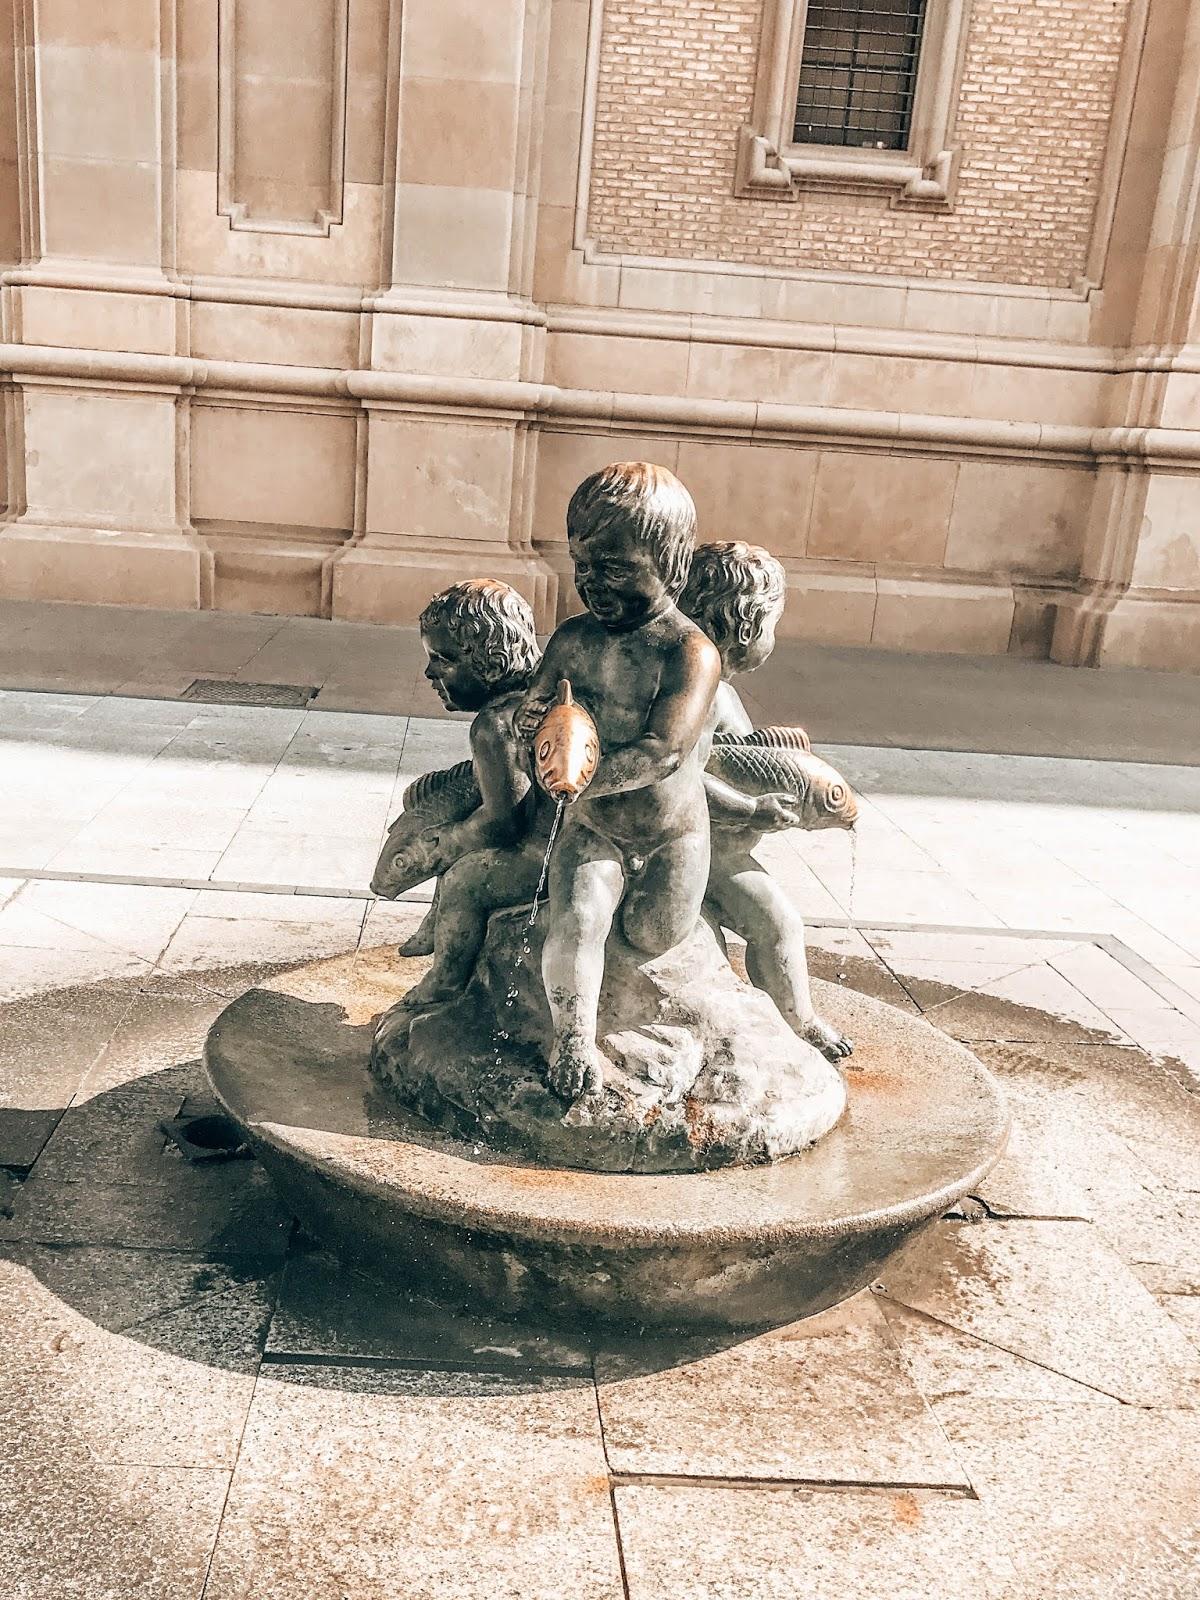 Zaragoza Spain Travel Guide